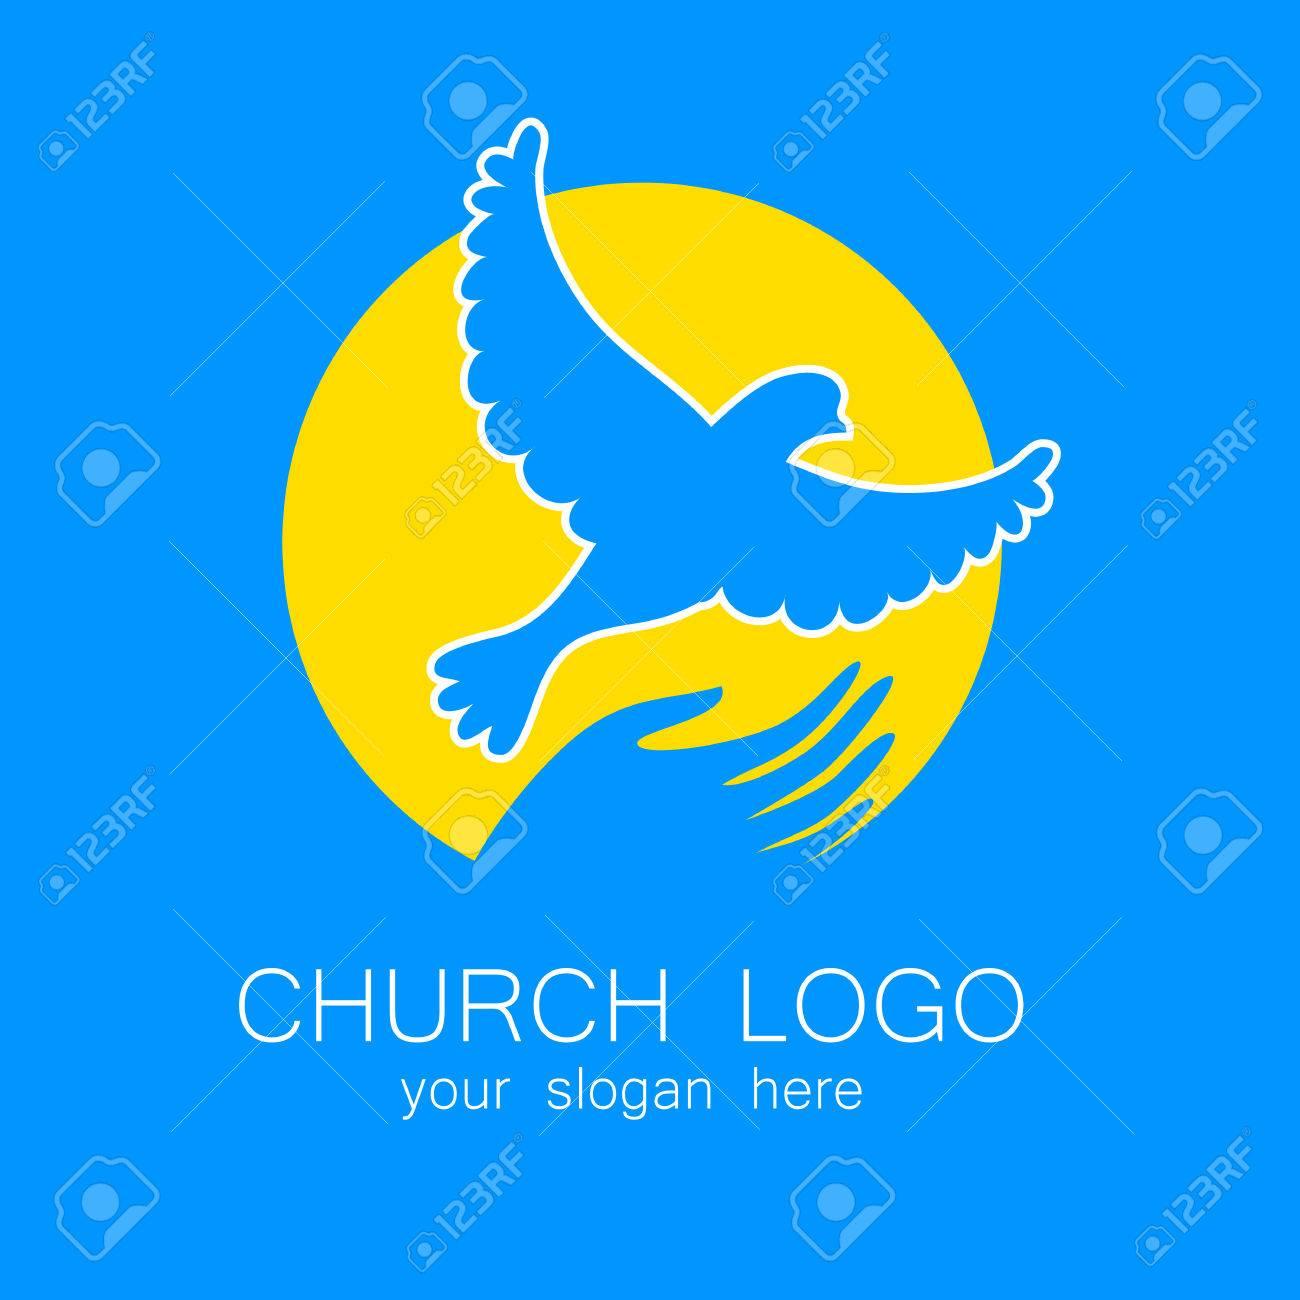 16 Free Church Logos  Build the Perfect Church Logo